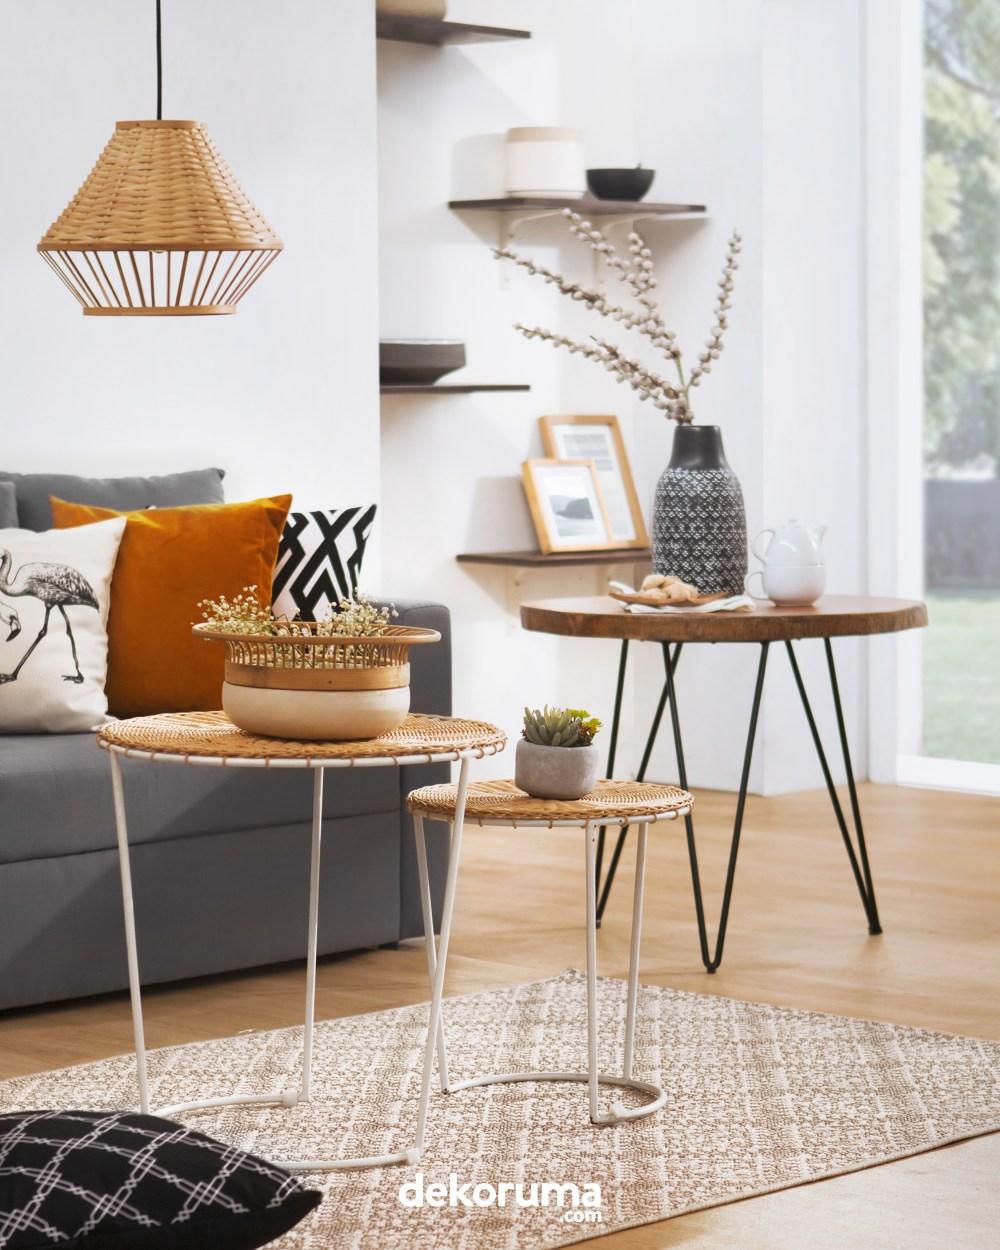 Desain Rumah Lampu dan Meja Samping Natural